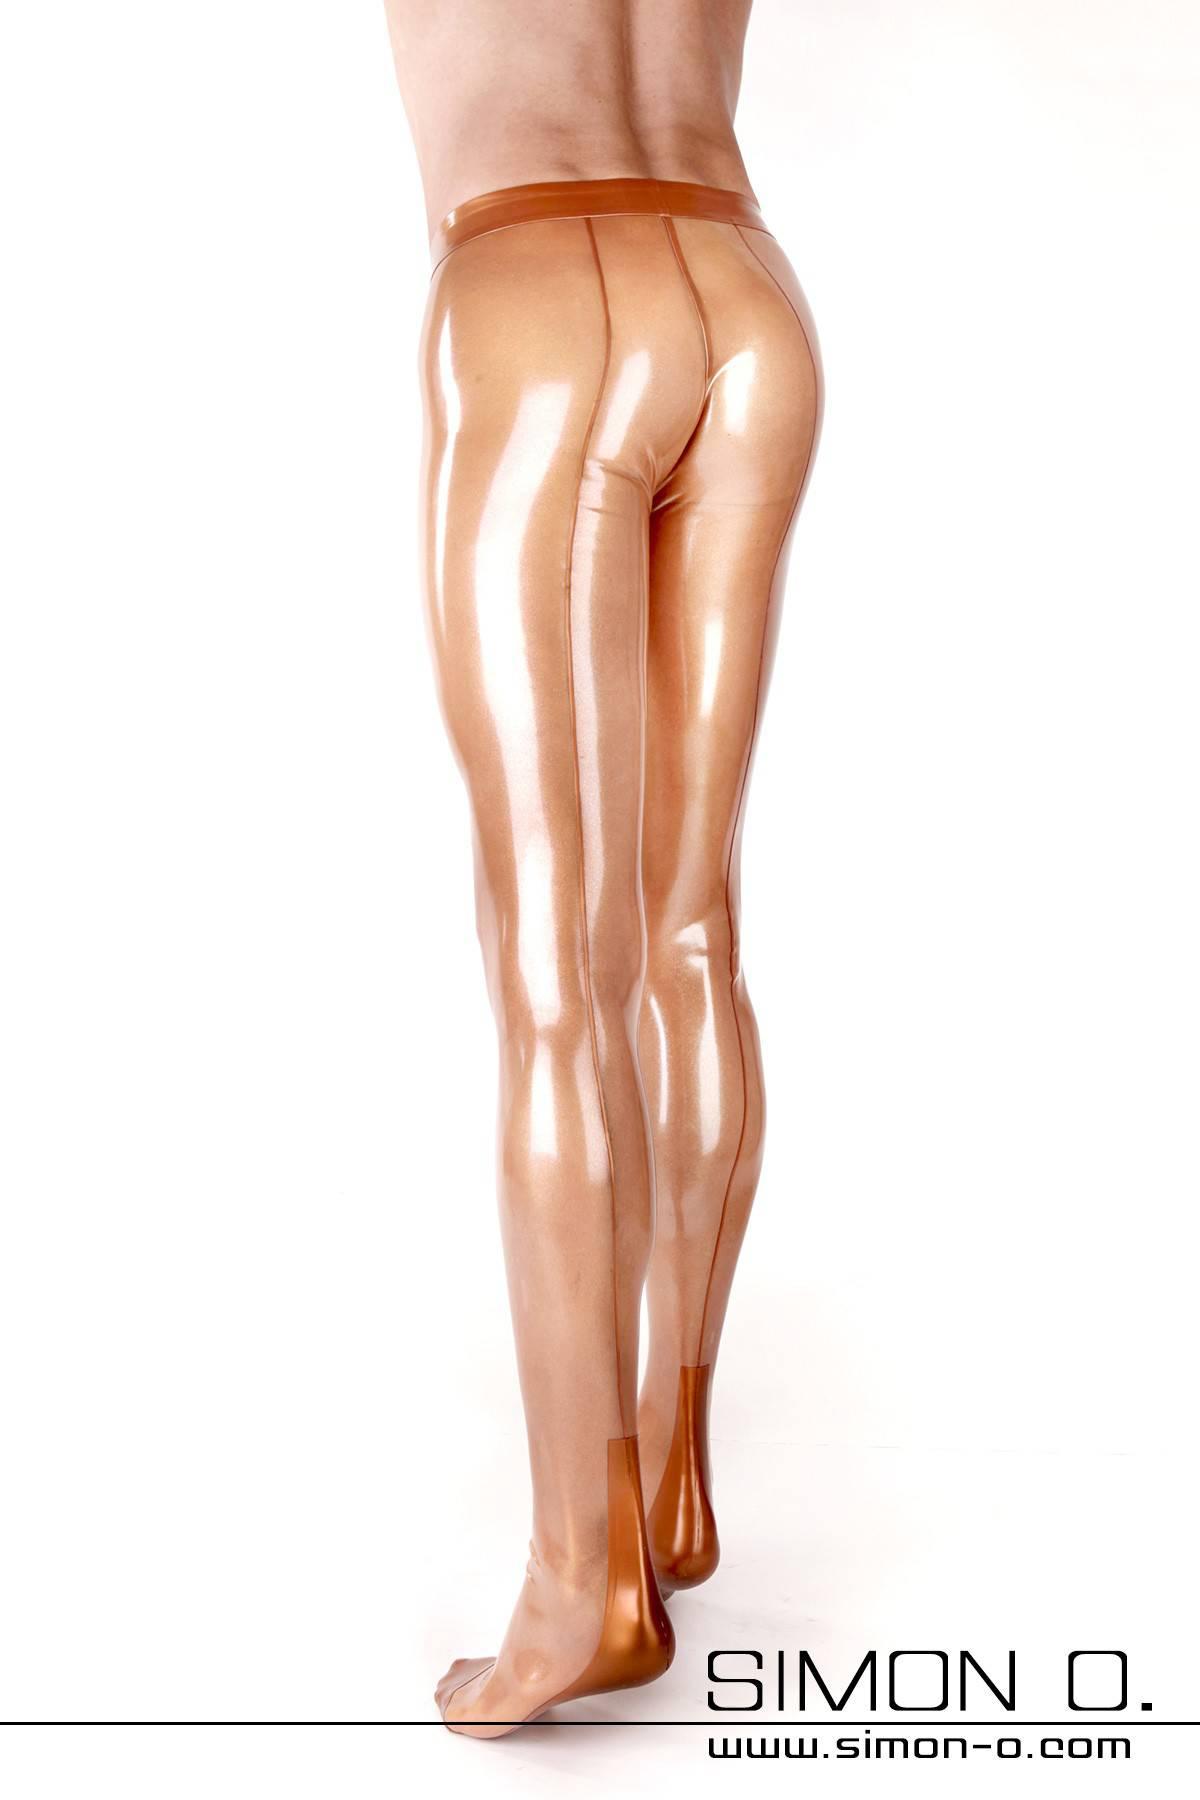 Hautenge Herren Latexstrumpfhose mit Naht und Hochferse Praktischer Eingriff vorne. Ein Zipp im Analbereich oder ein Analkondom ist bei diesem Modell …